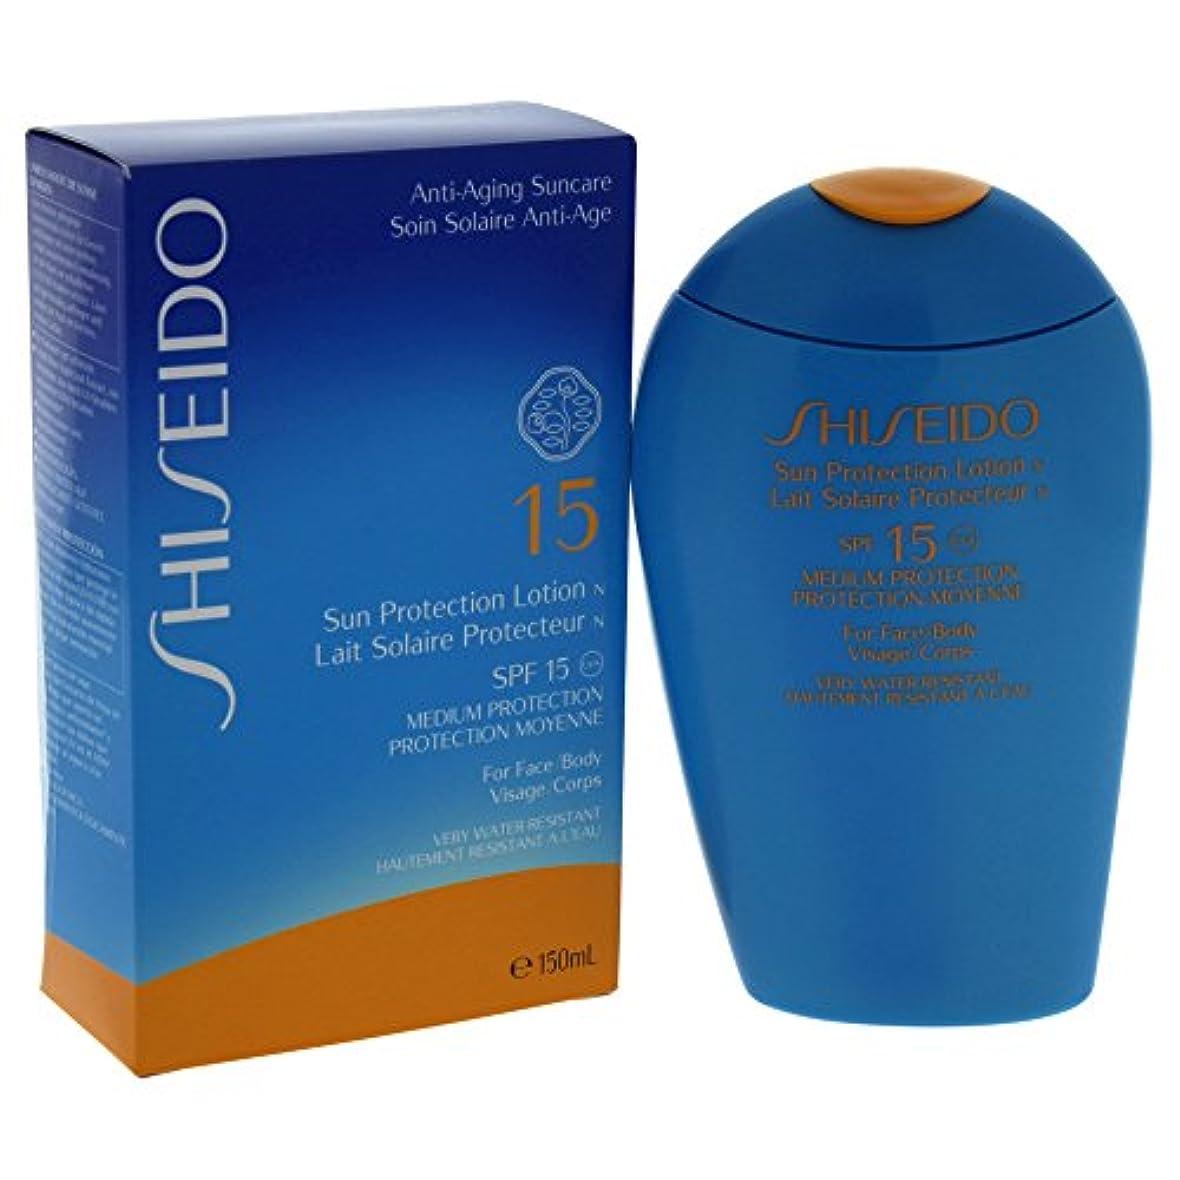 推論手がかりマカダム資生堂 Sun Protection Lotion N SPF 15 (For Face & Body) 150ml/5oz並行輸入品